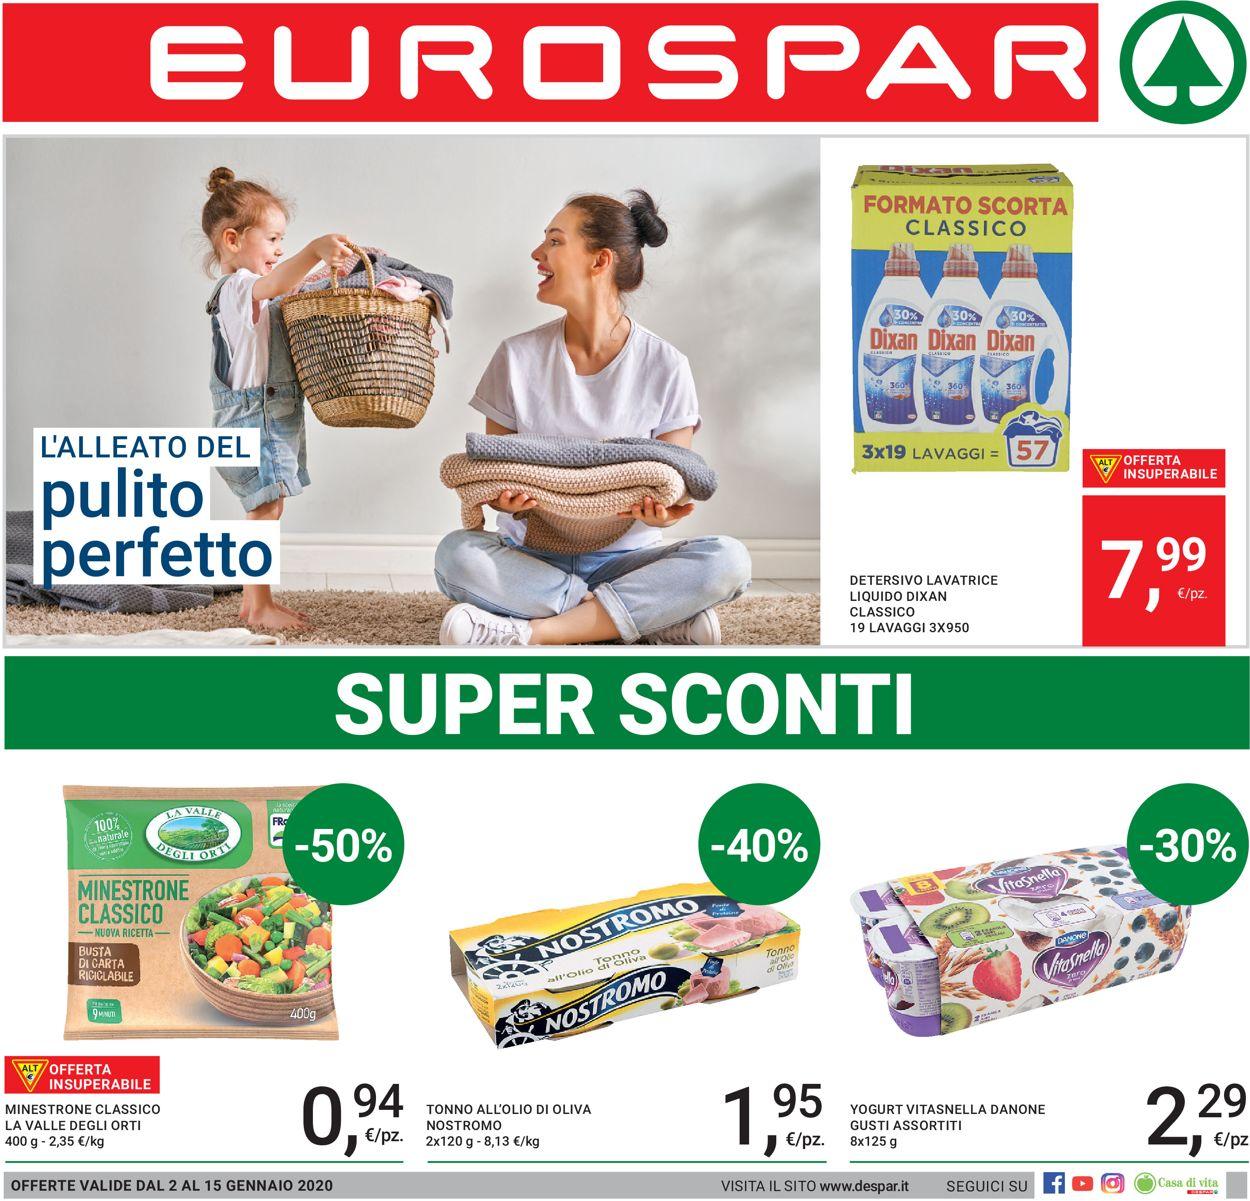 Volantino Eurospar - Offerte 02/01-15/01/2020